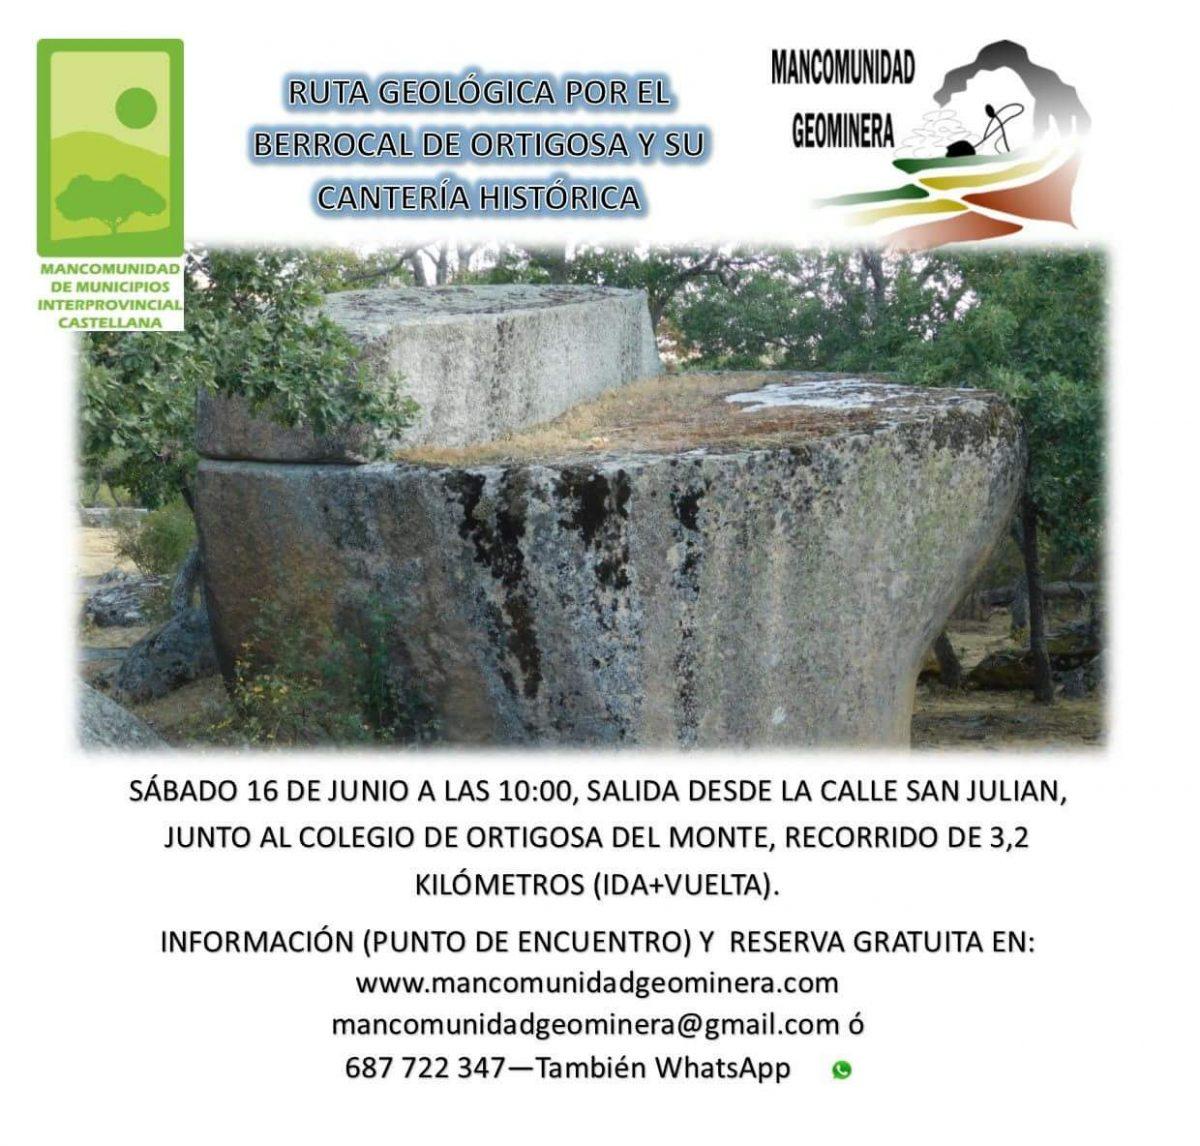 Ruta geológica el Berrocal de Ortigosa y su cantera histórica.